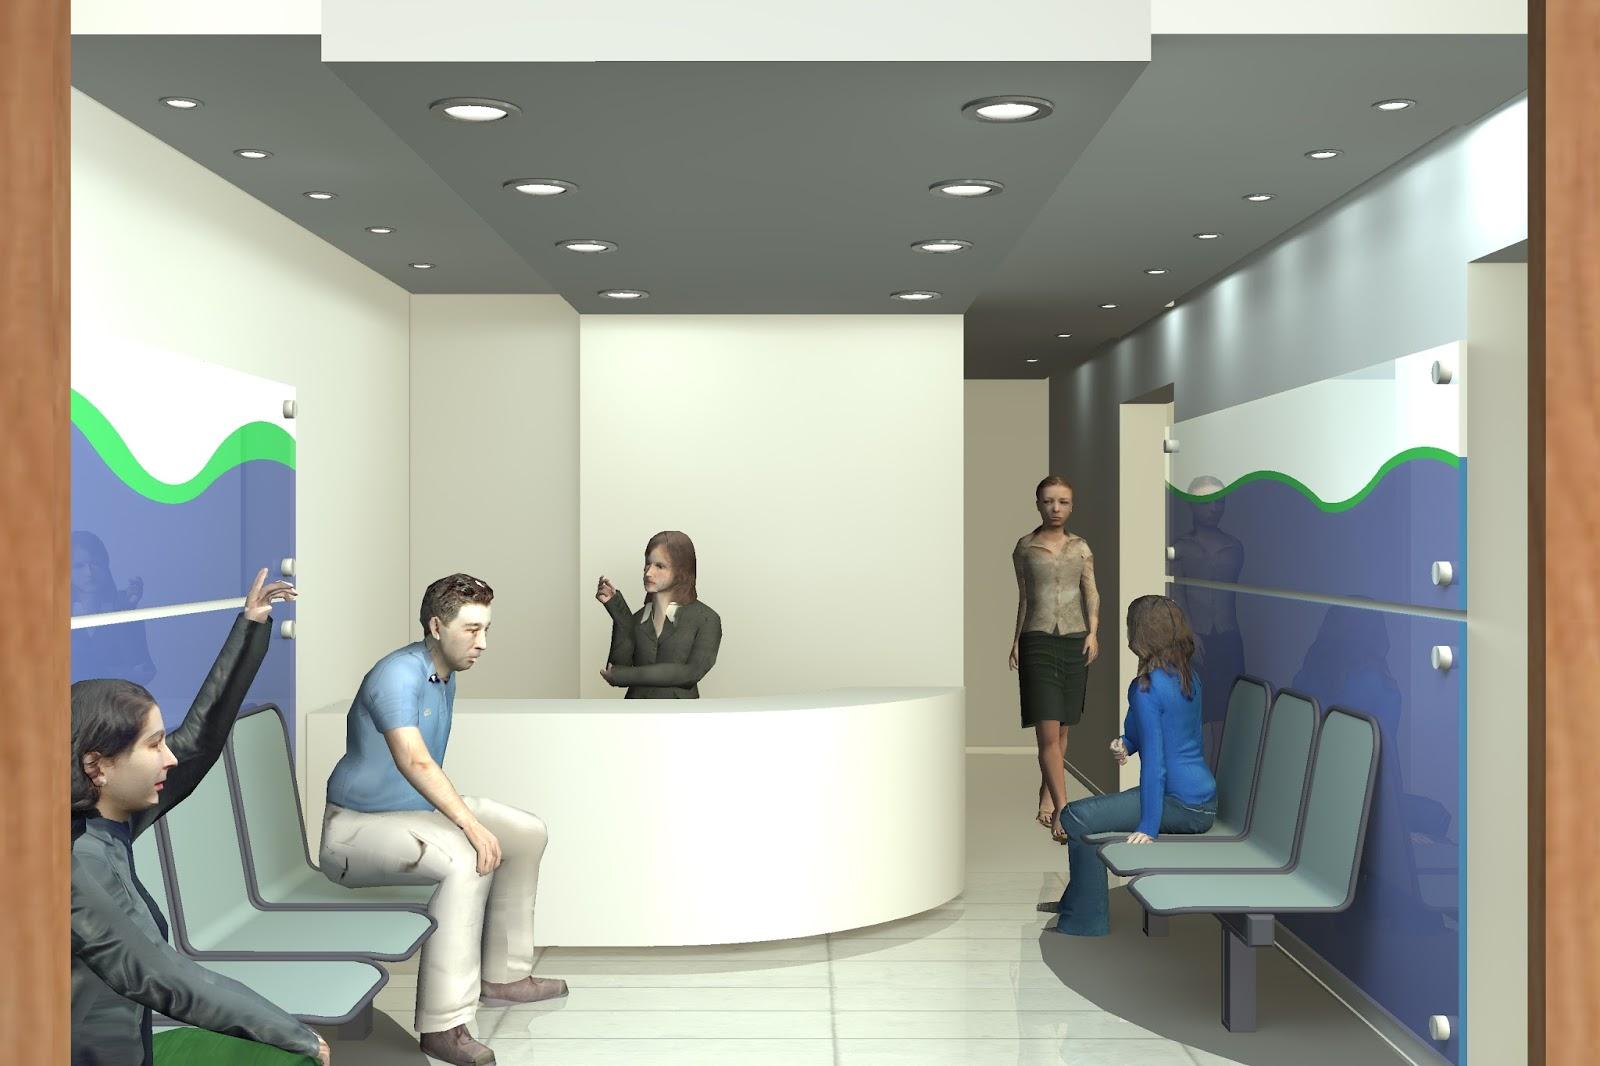 Proyectos mmo arq proyecto dise o cl nica dental interiores - Proyecto clinica dental ...